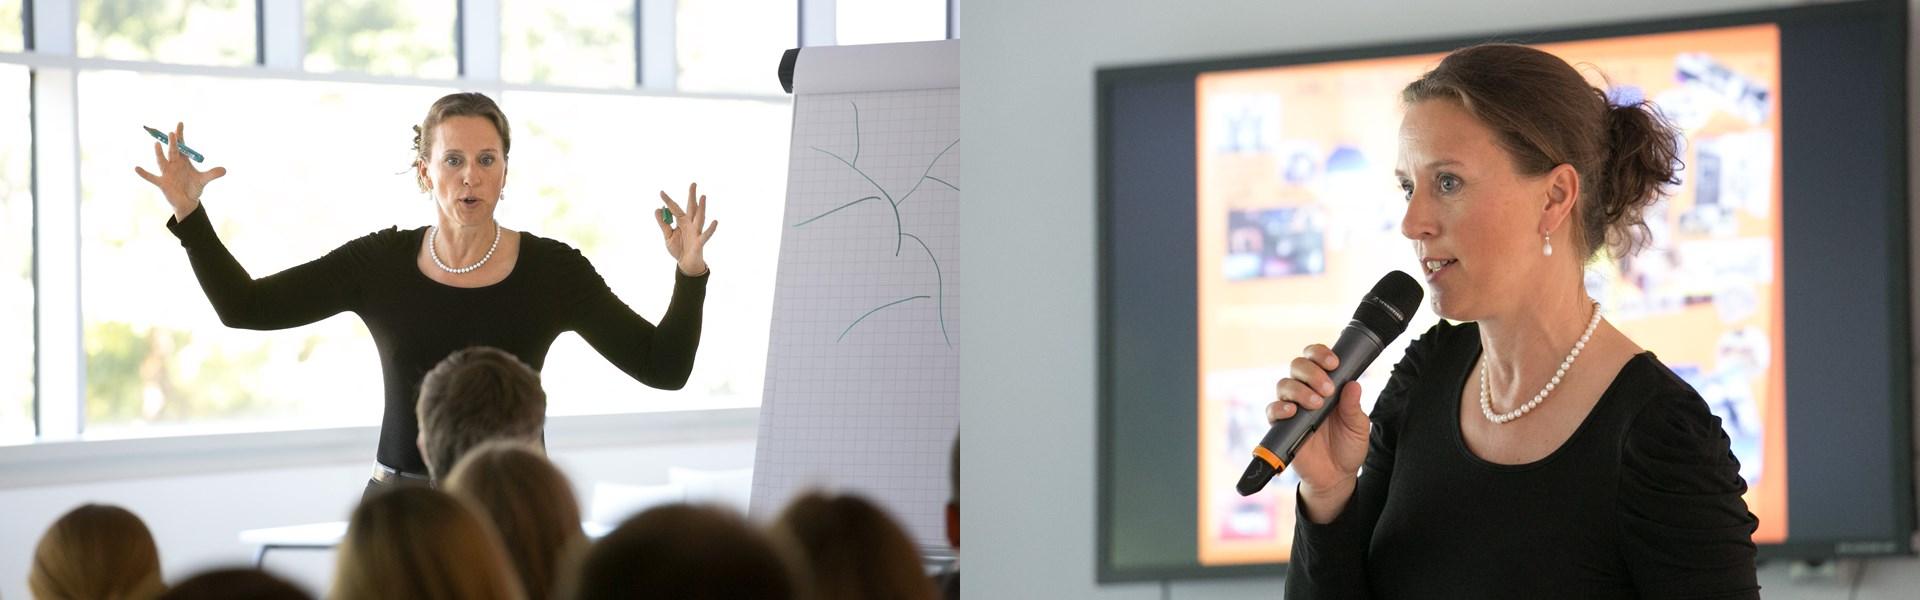 Modul Trainingskompetenzen für Workshops & Seminare - Antje Heimsoeth